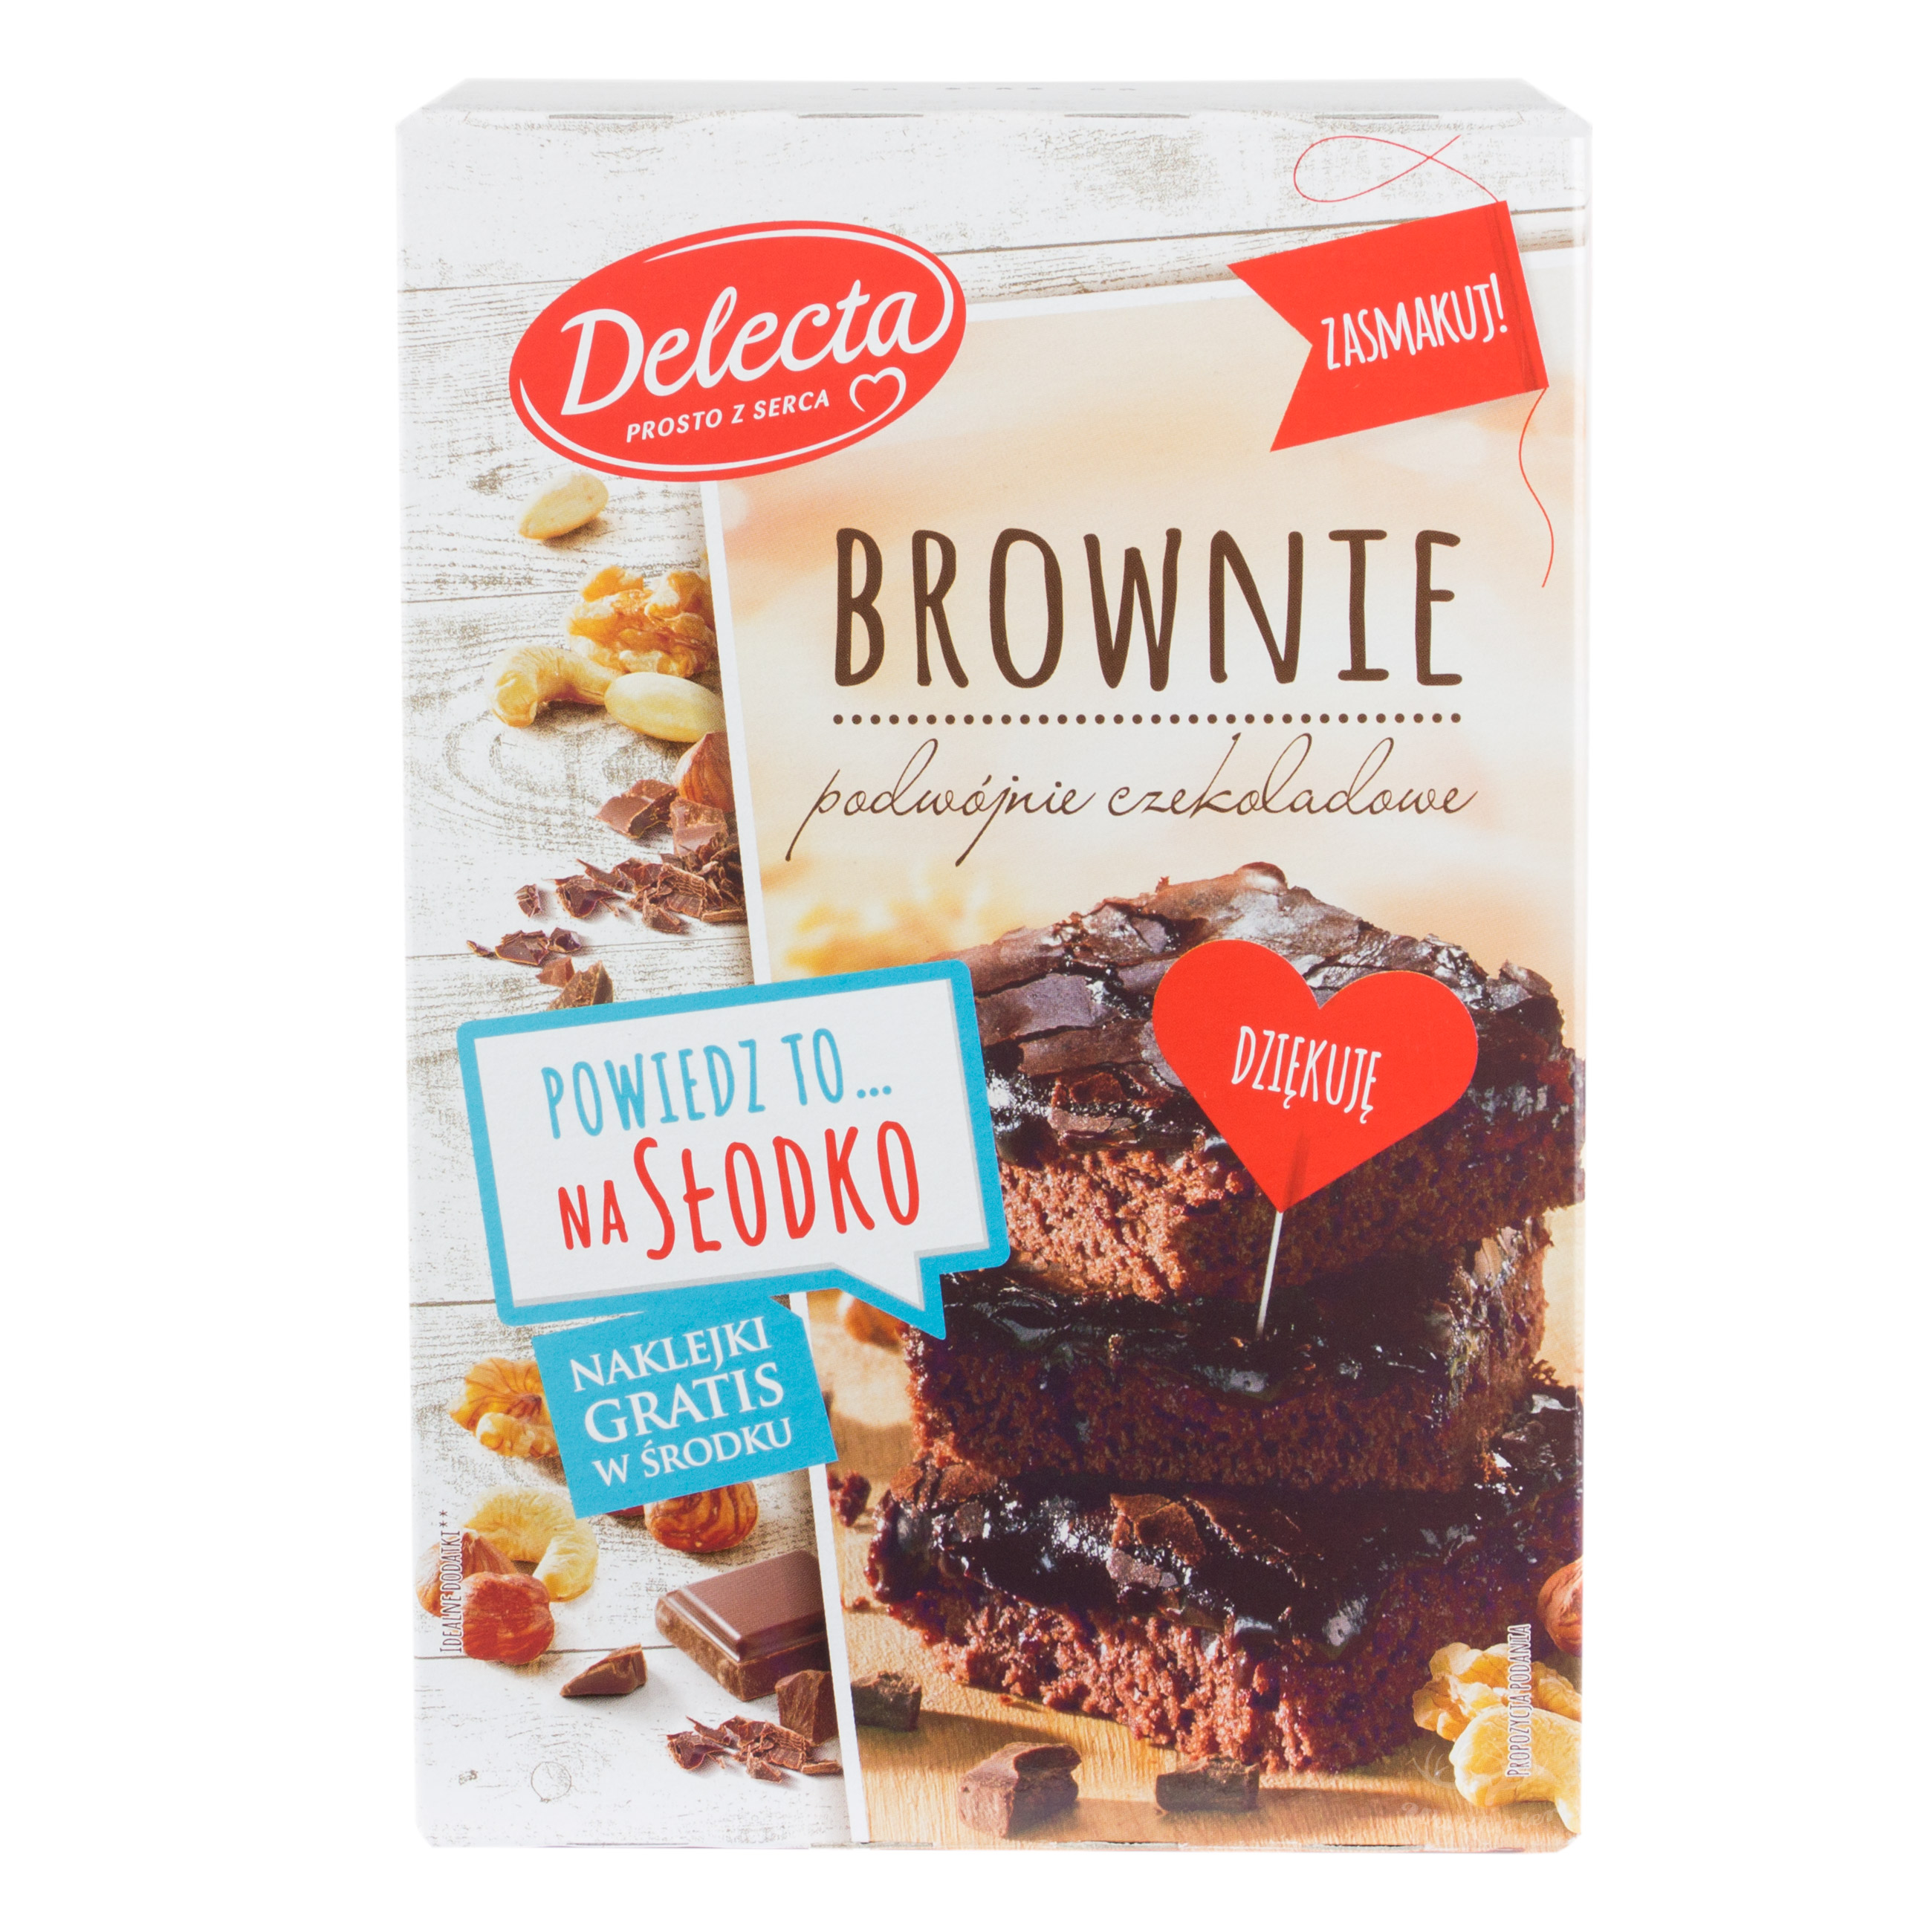 Delecta BROWNIE Kuchen- Doppelschokolade 550g